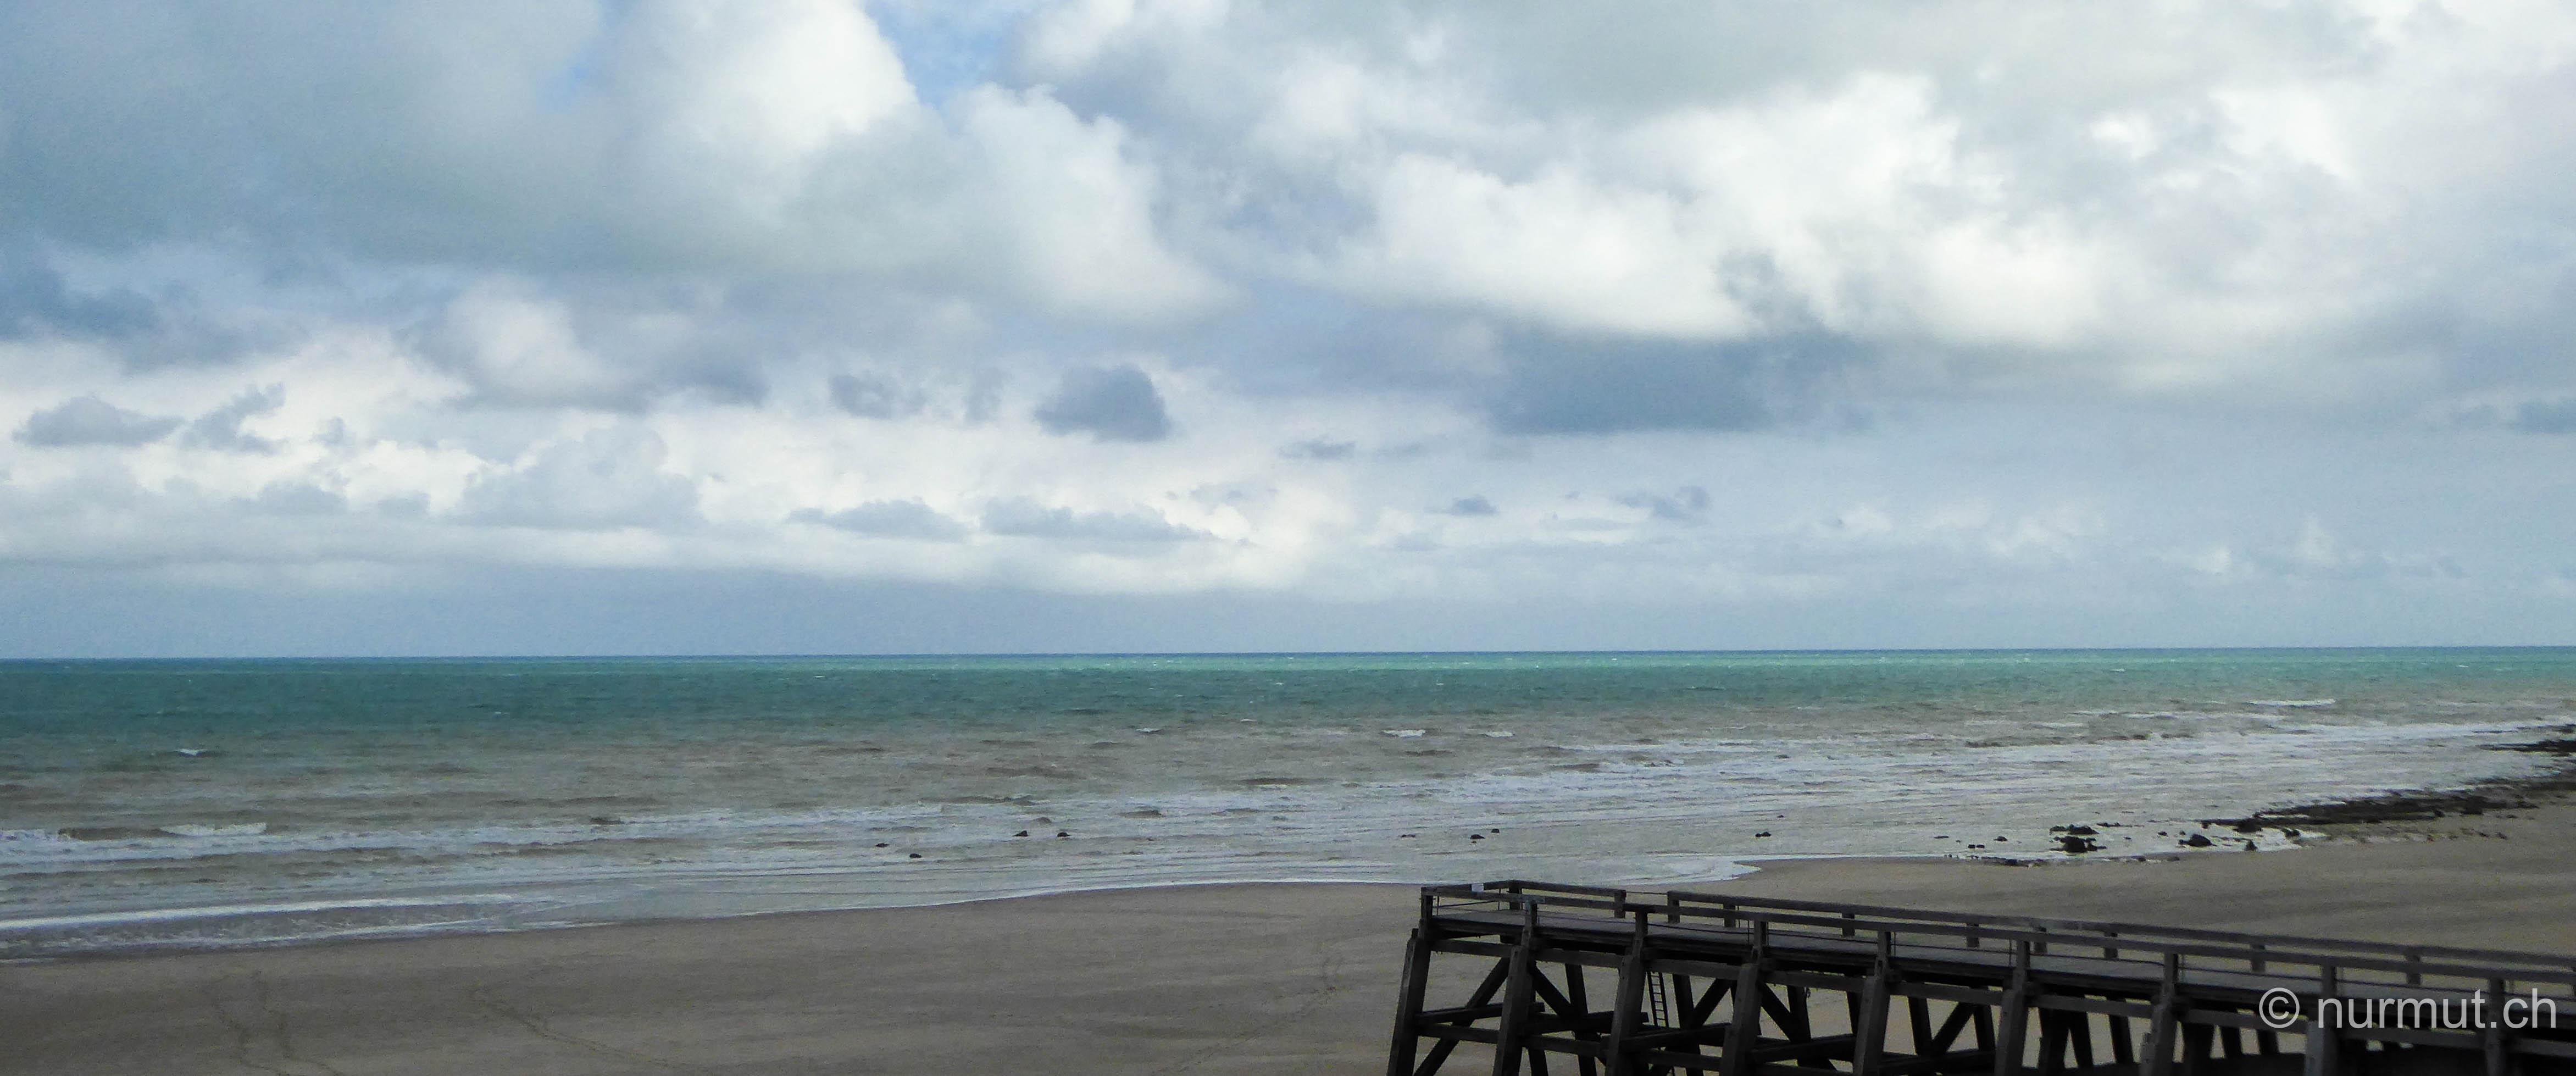 norden frankreichs-nordfrankreich-wohnmobil-wandern mit hund-normandie-veules-les-roses-strand